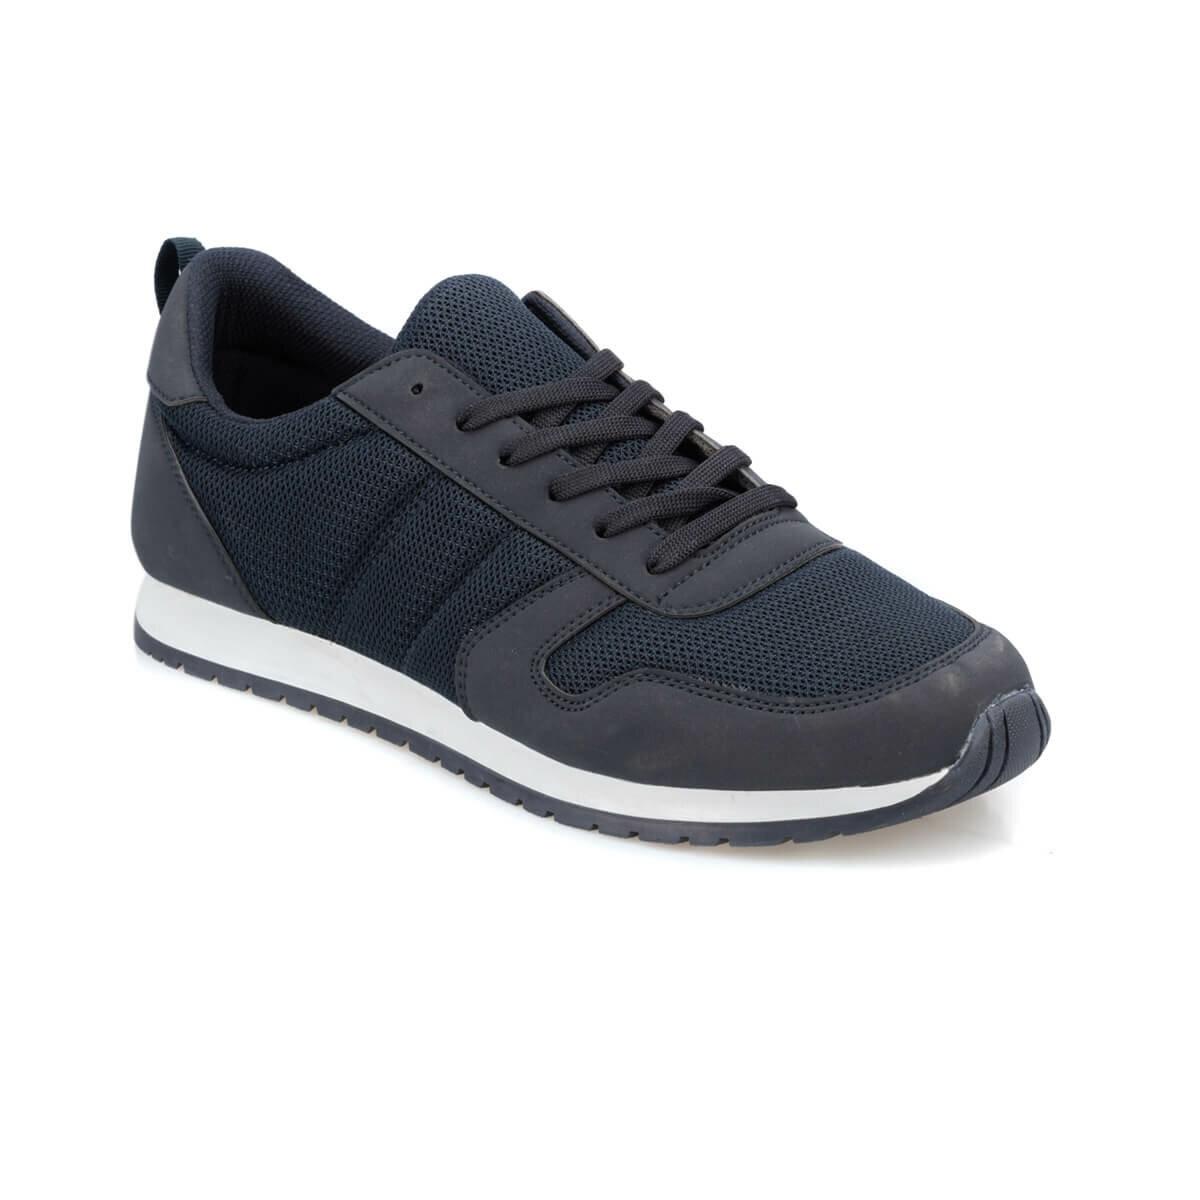 FLO 91.356062.M Navy Blue Men 'S Sports Shoes Polaris